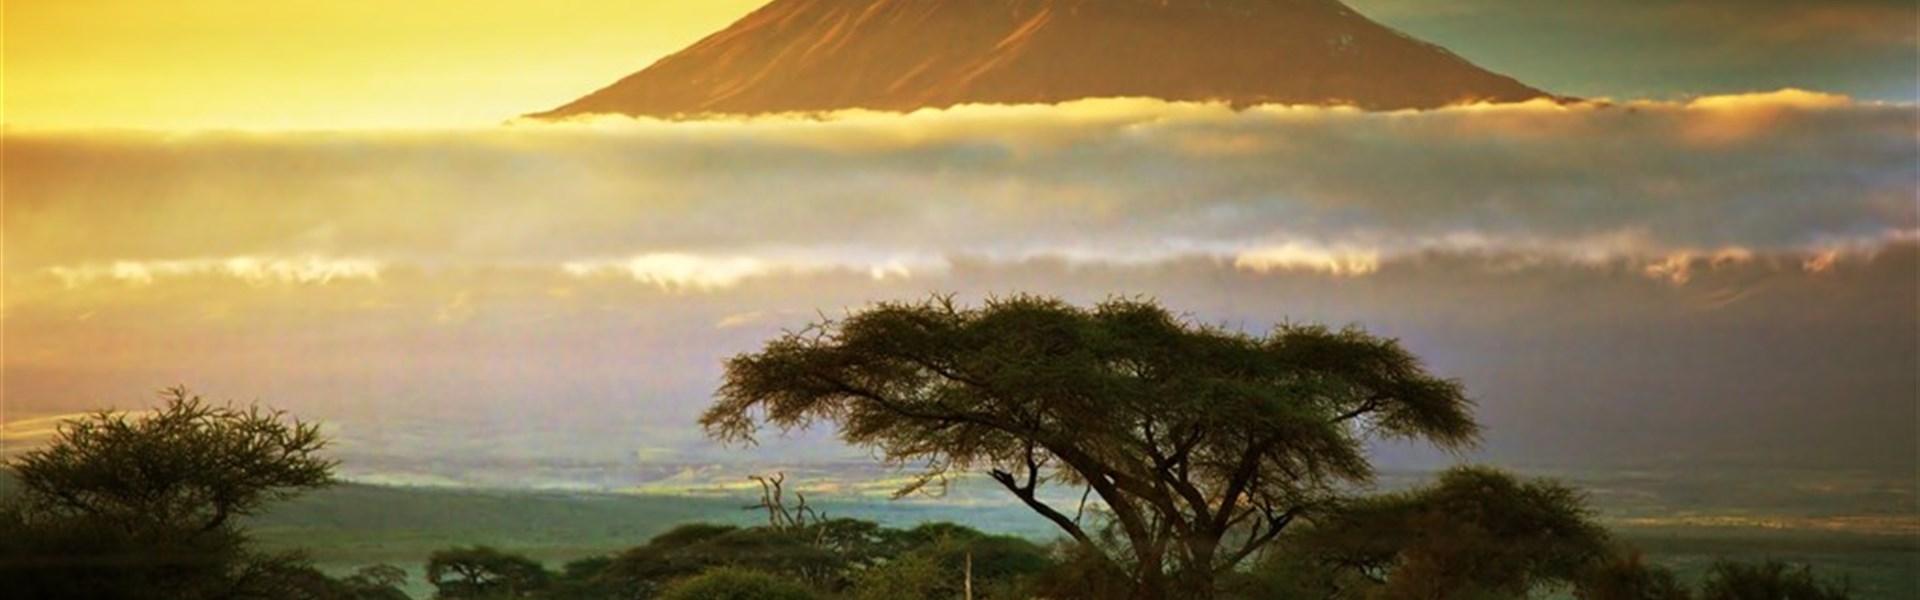 Safari v Keni - Ve stínu Kilimanjara + pobyt u moře - Safari v Keni s Marco Polo_Amboseli